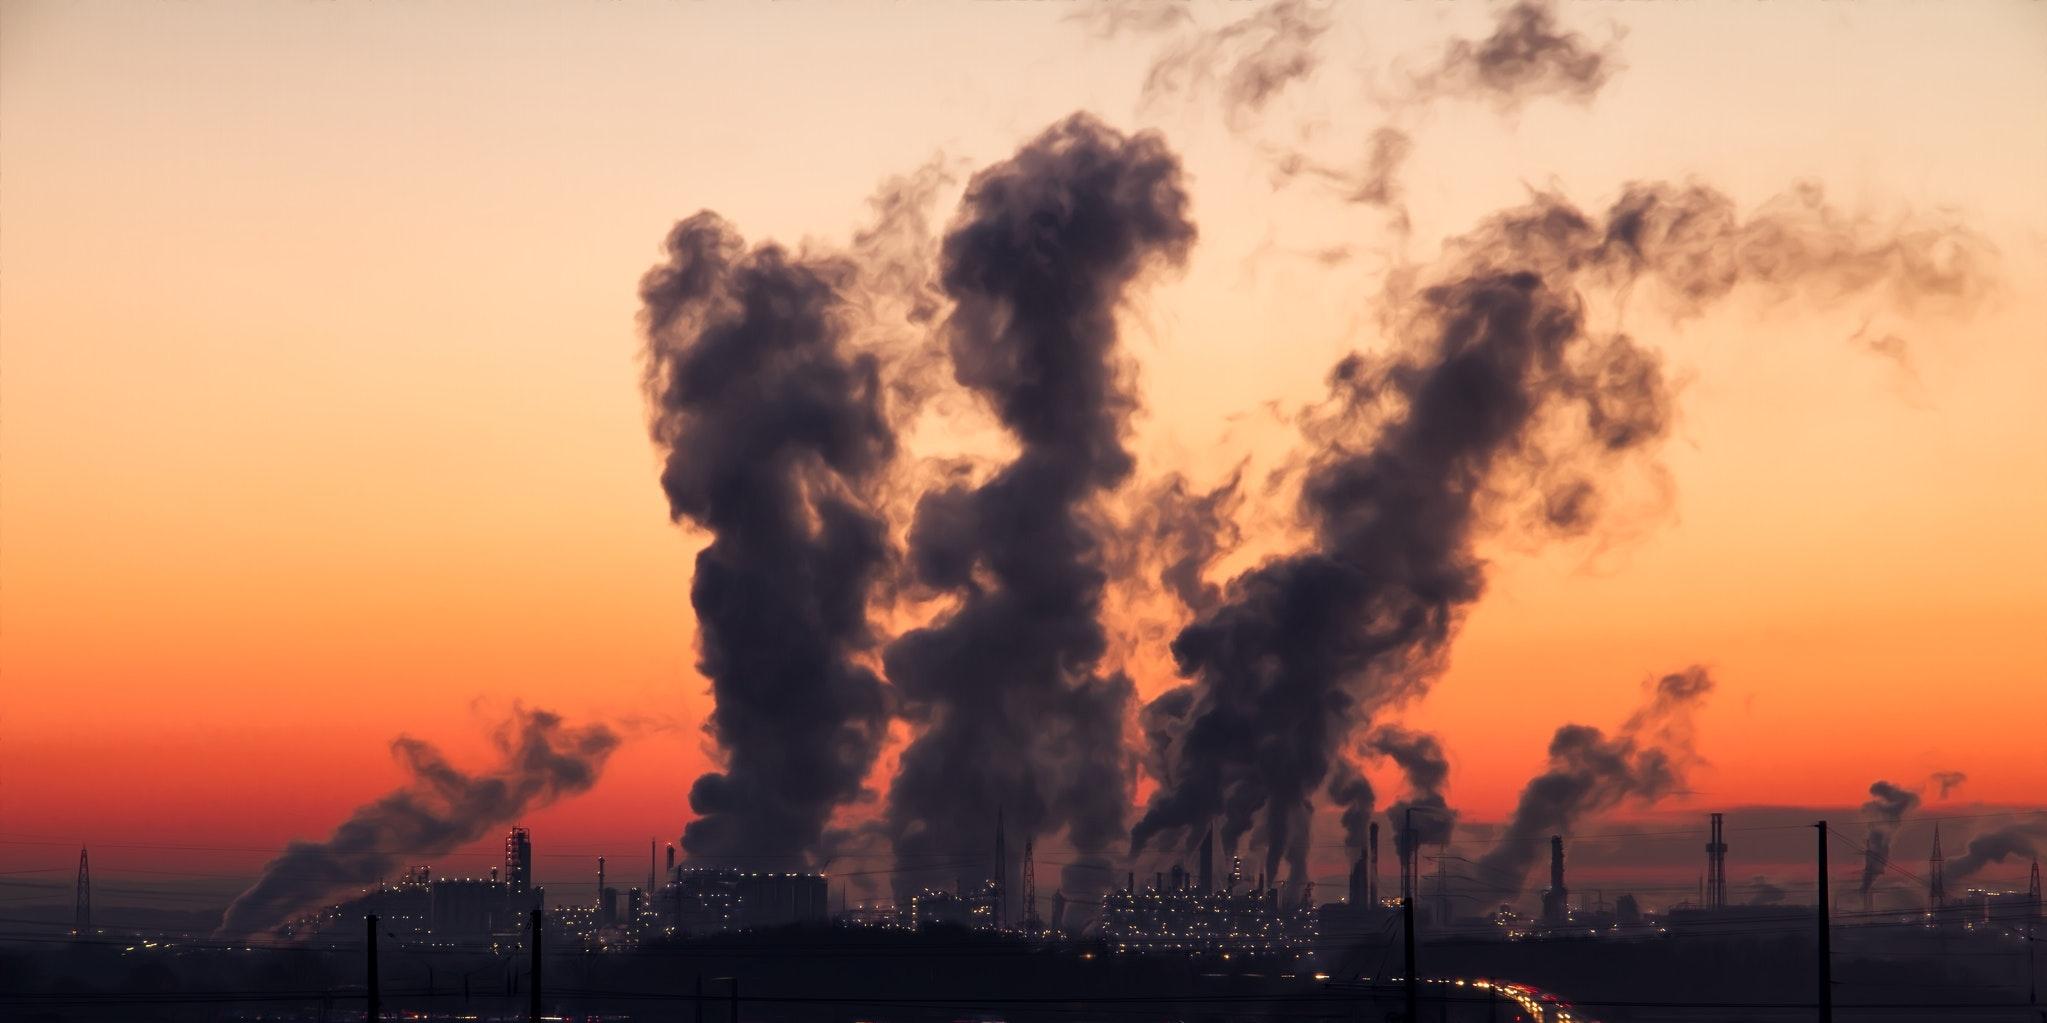 Progetto educativo per la scuola primaria e secondaria con approfondimento su tematiche relative all'inquinamento e all'effetto serra